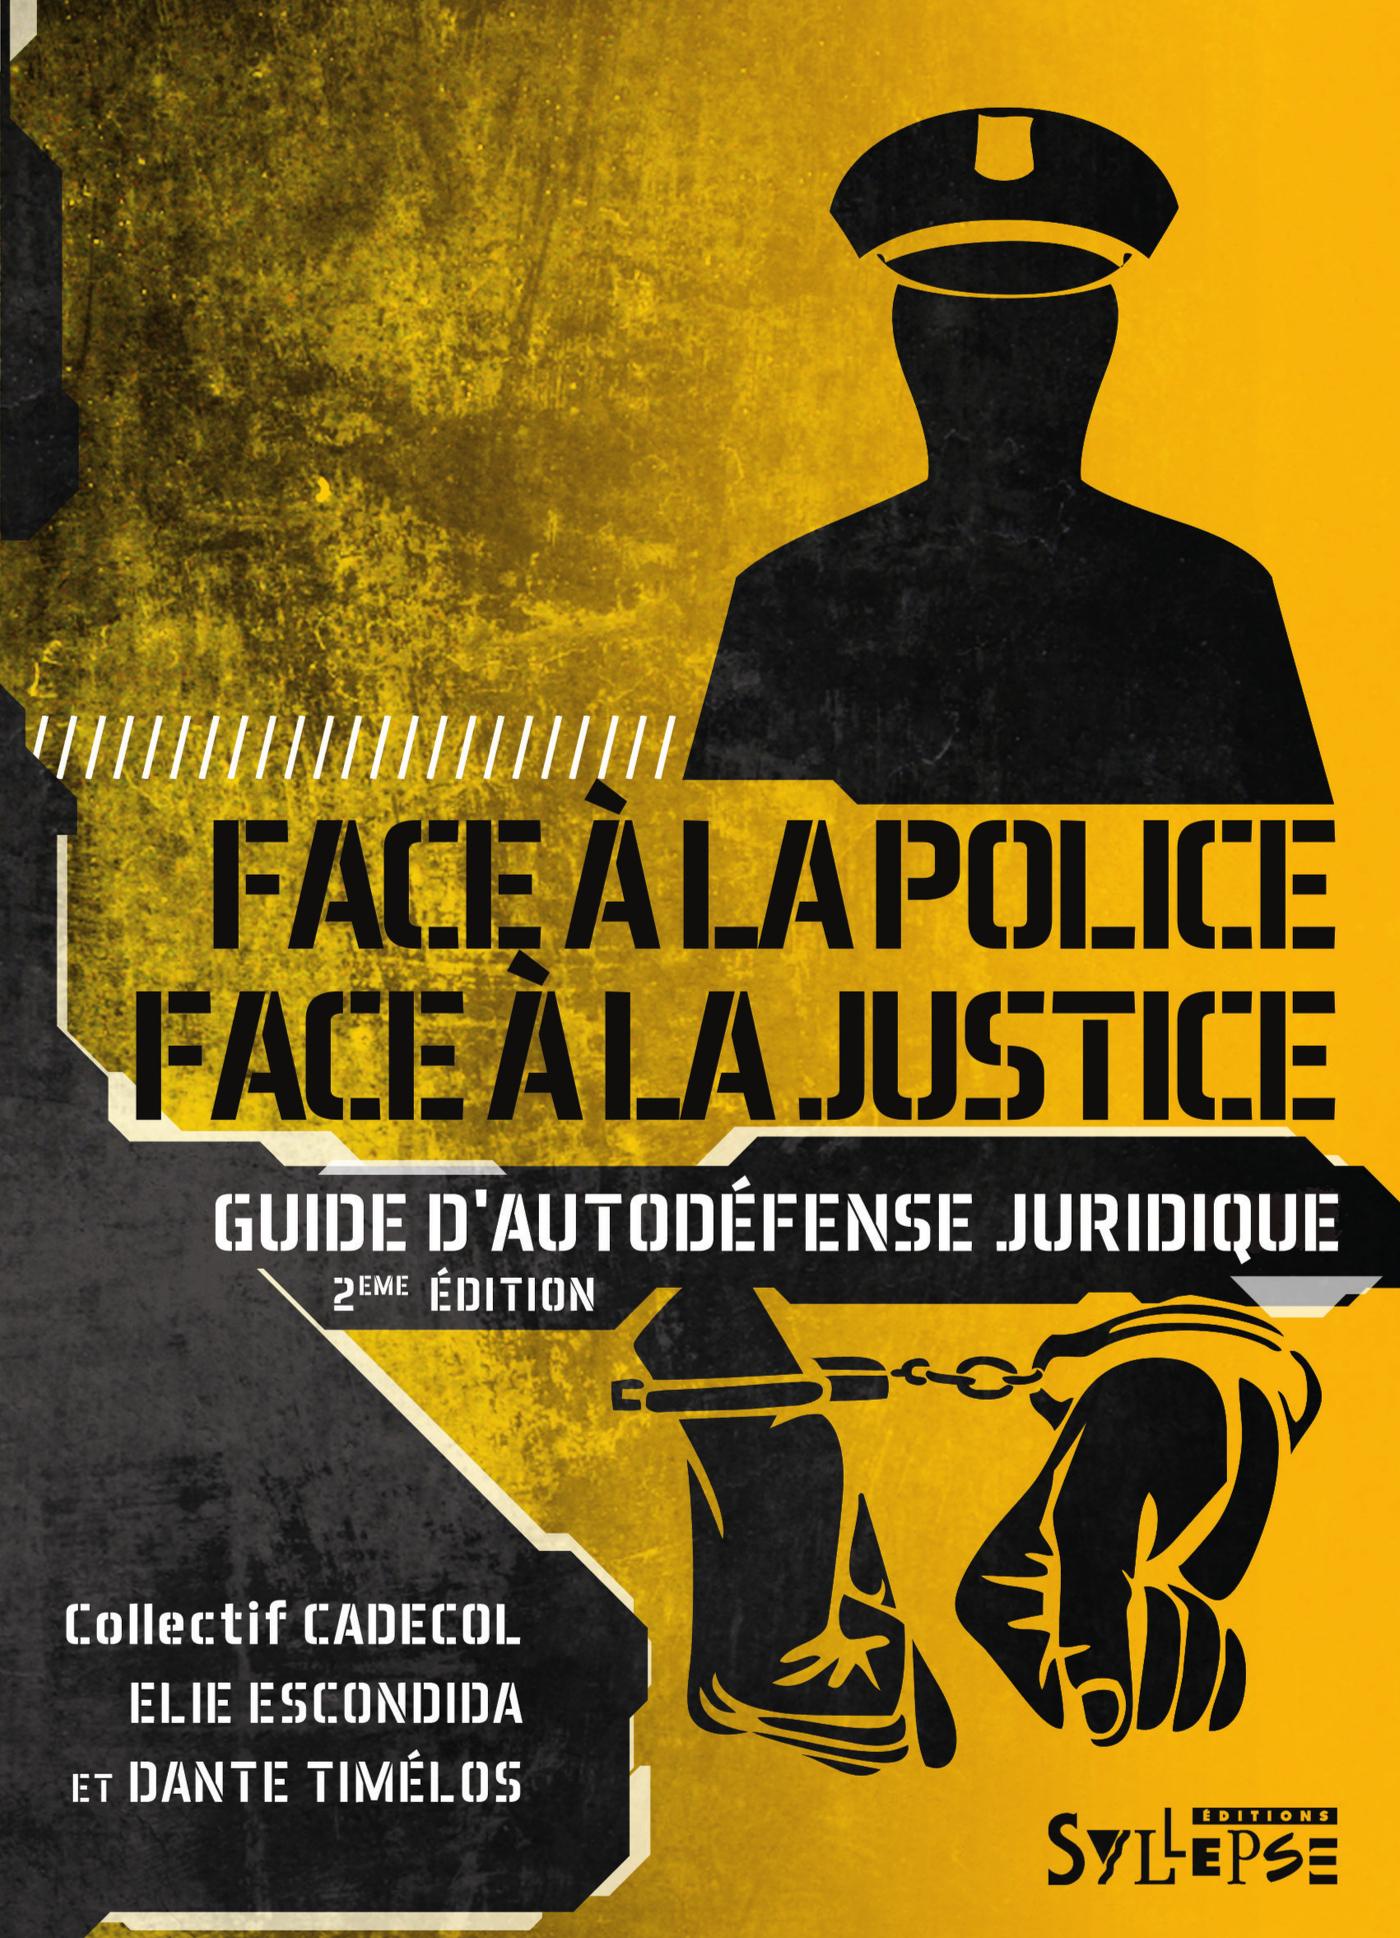 FACE A LA POLICE, FACE A LA JUSTICE GUIDE D'AUTODEFENSE JURIDIQUE